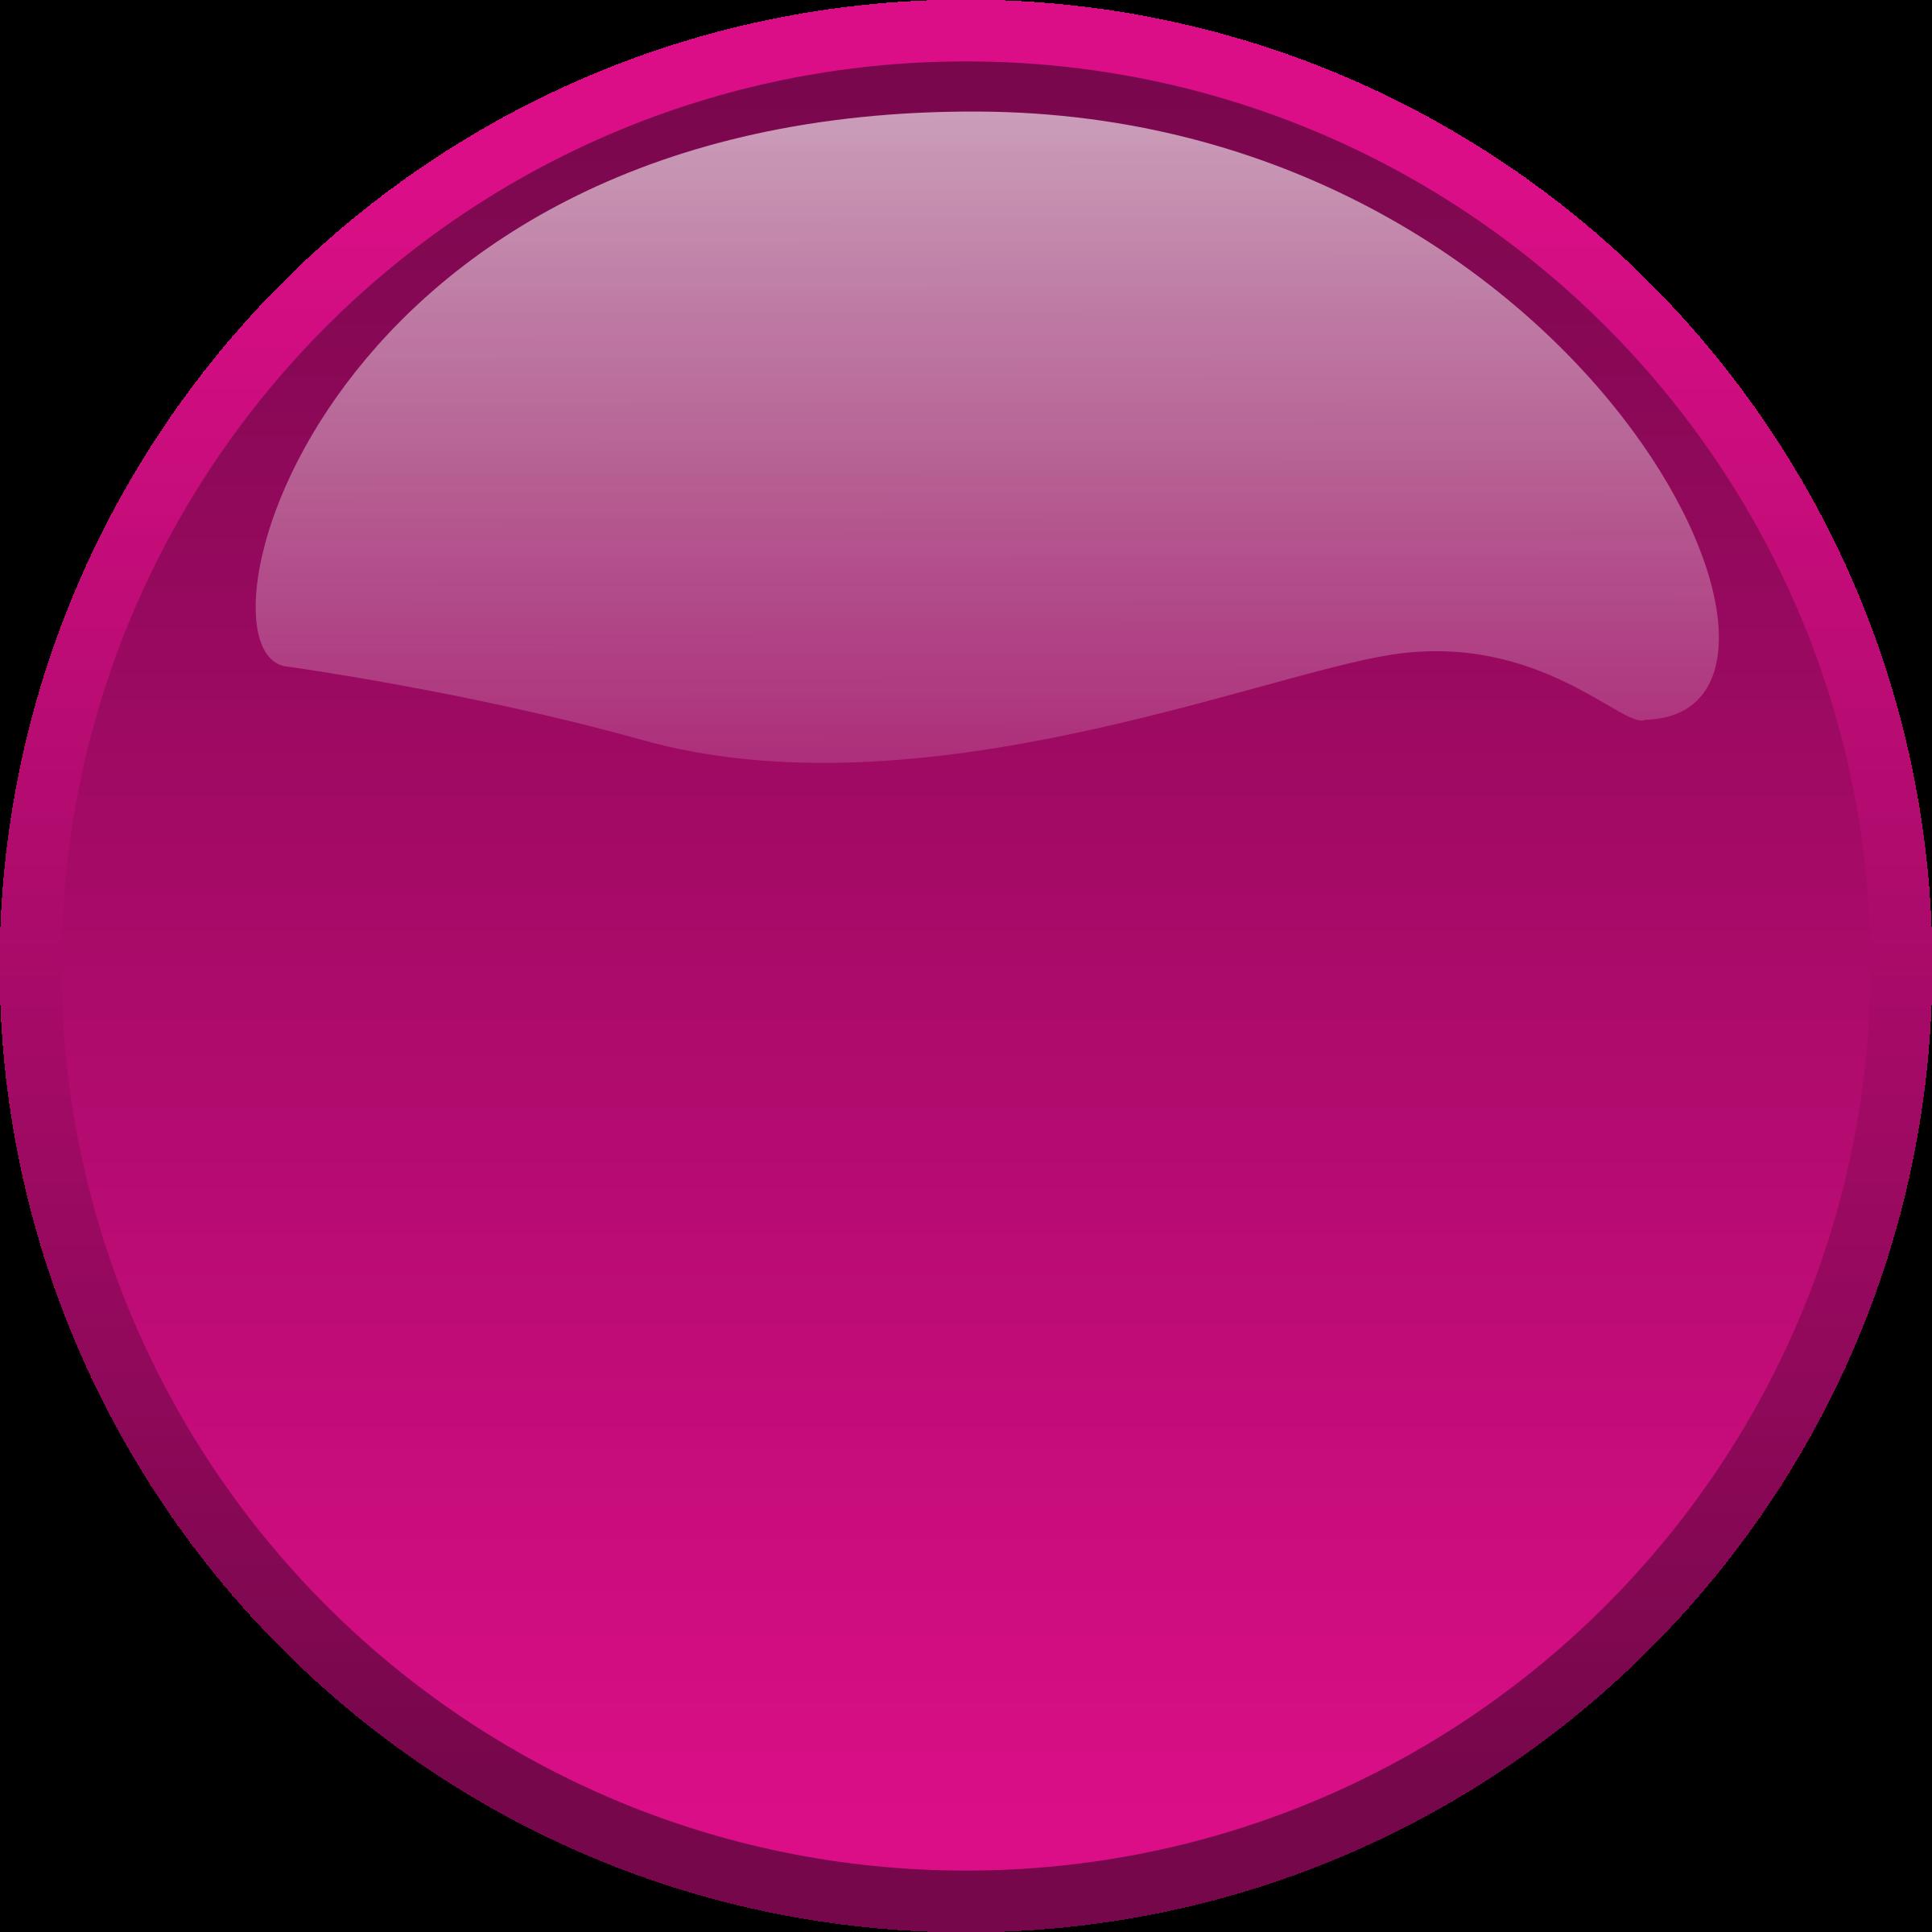 Button clipart website png Clipart Purple Button Purple Button